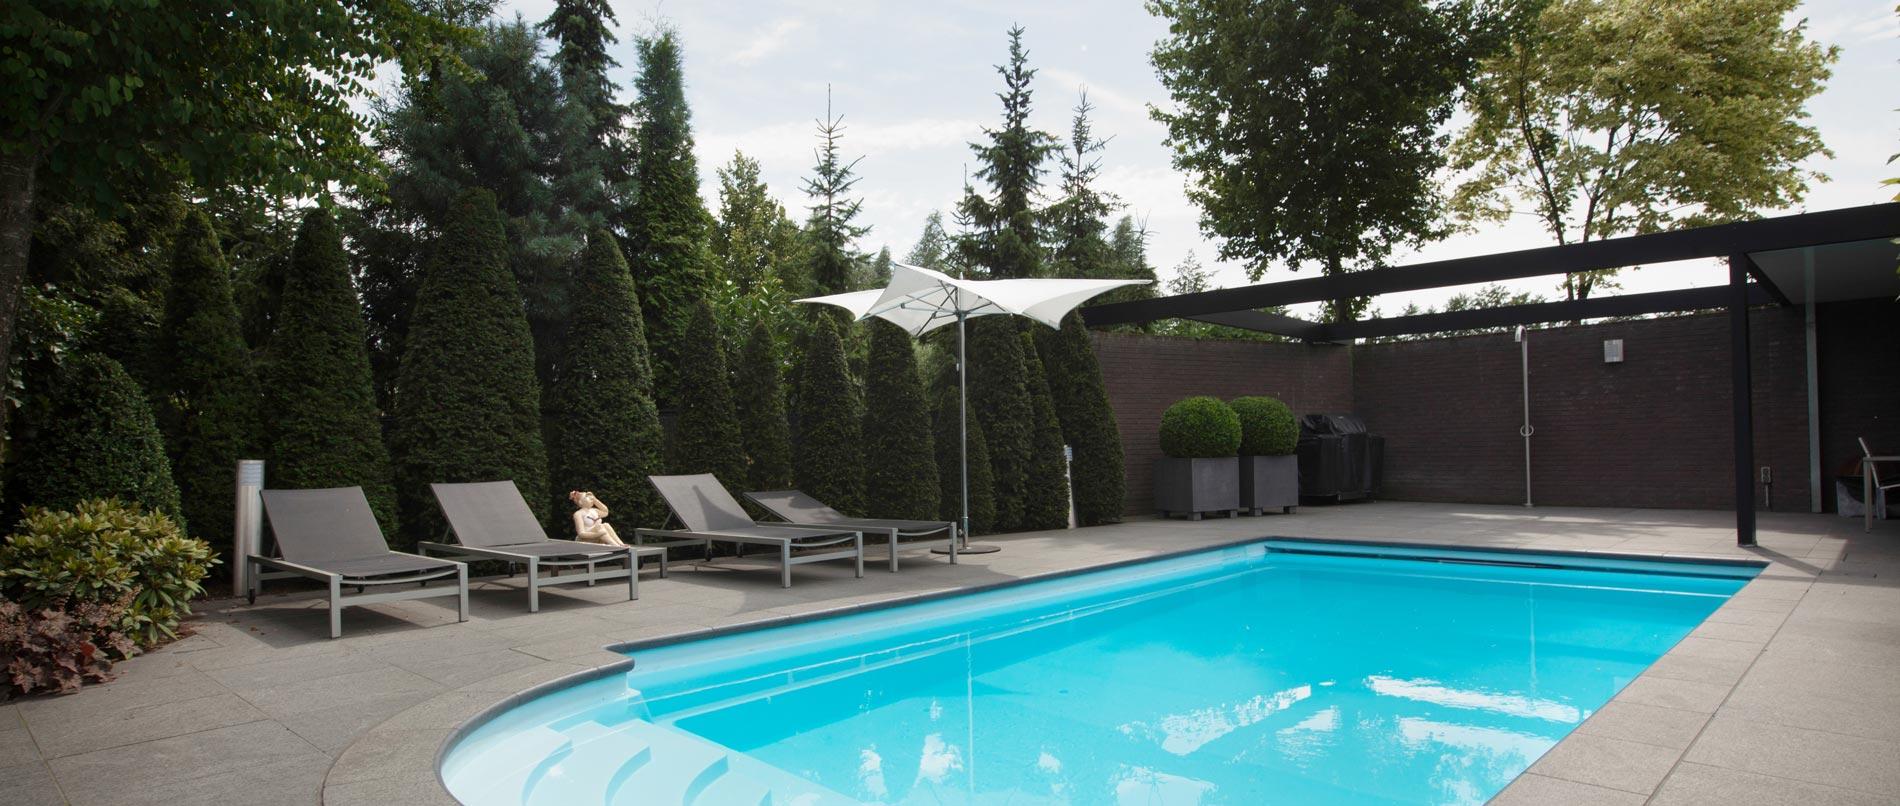 Zwembad tuinen van heart for gardens ontwerp aanleg en projecten - Tuin en zwembad design ...